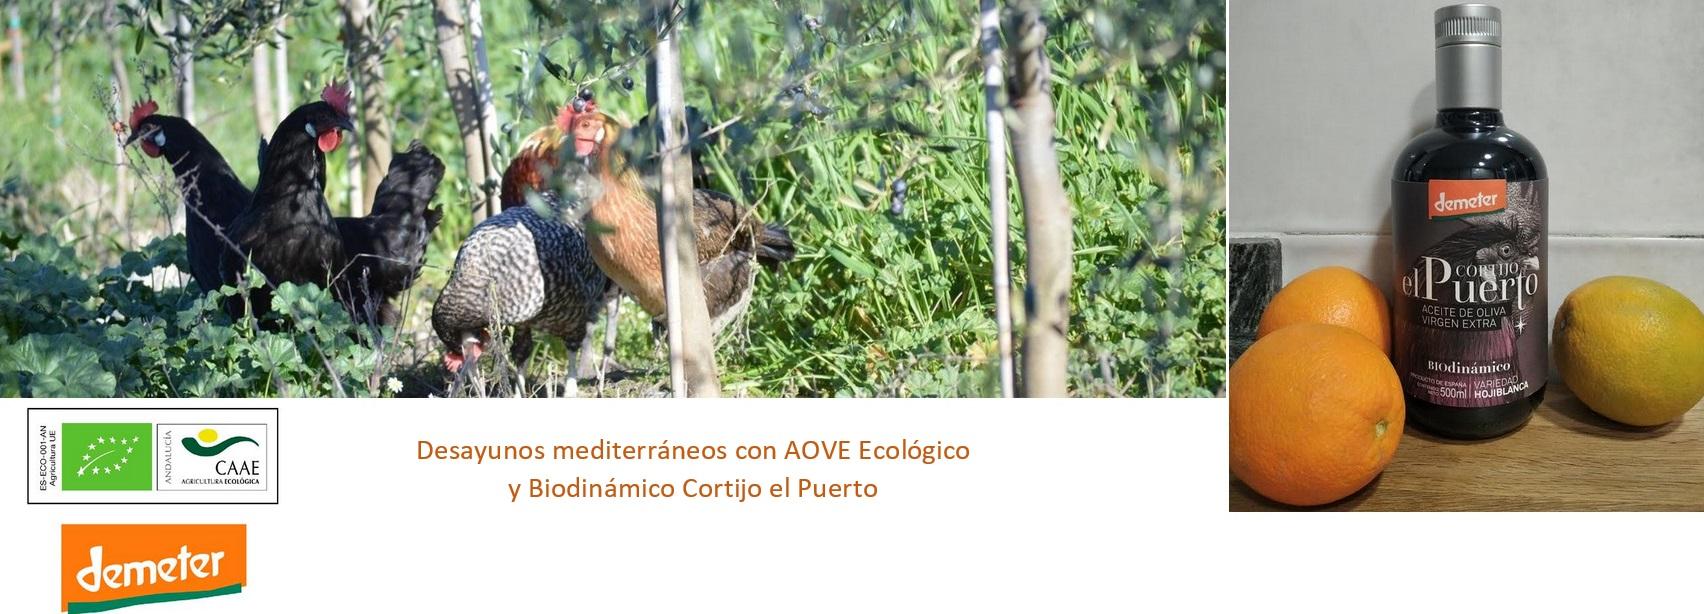 AOVE ecologico biodinamico Cortijo el Puerto Organic Farm3